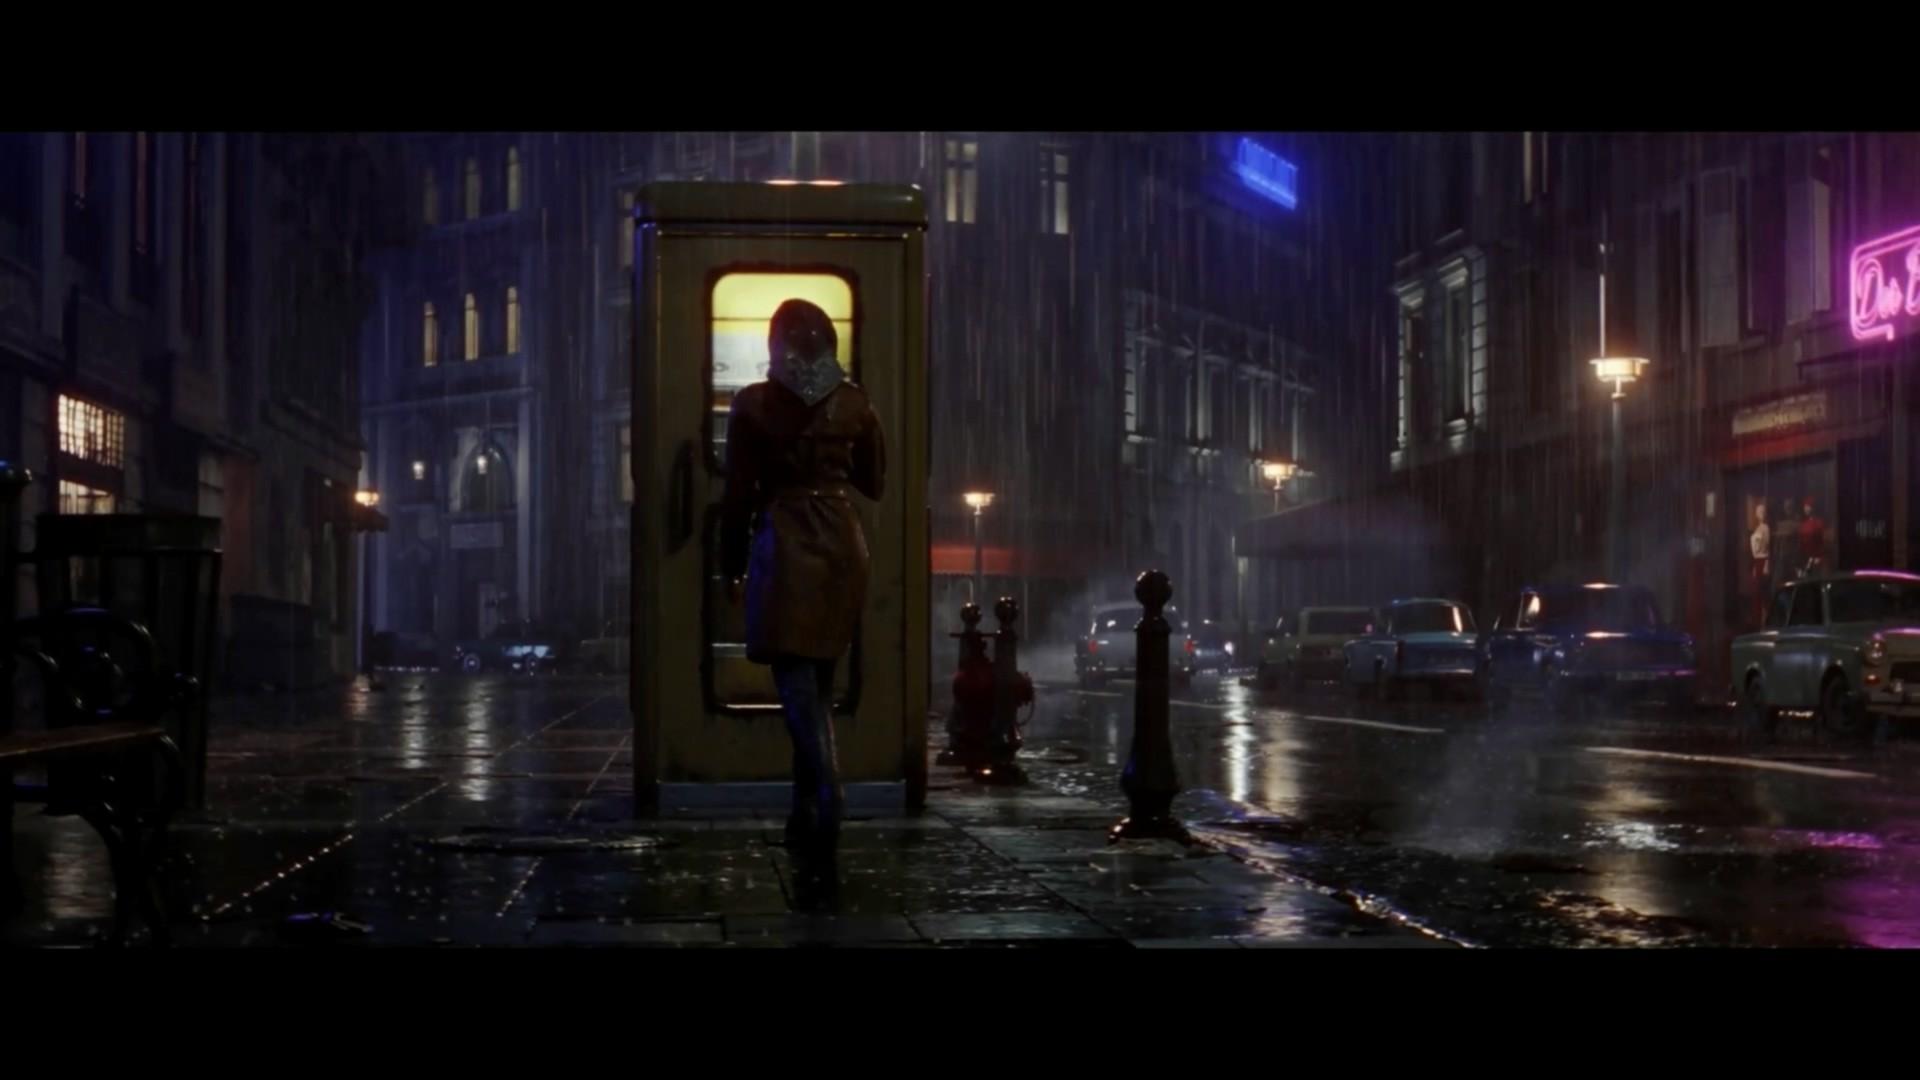 《使命召唤17:黑色行动5》COD17僵尸模式完整剧情短片 揭露二战时期波兰地下实验 – 博客娱乐城| 最多人玩的娱乐城